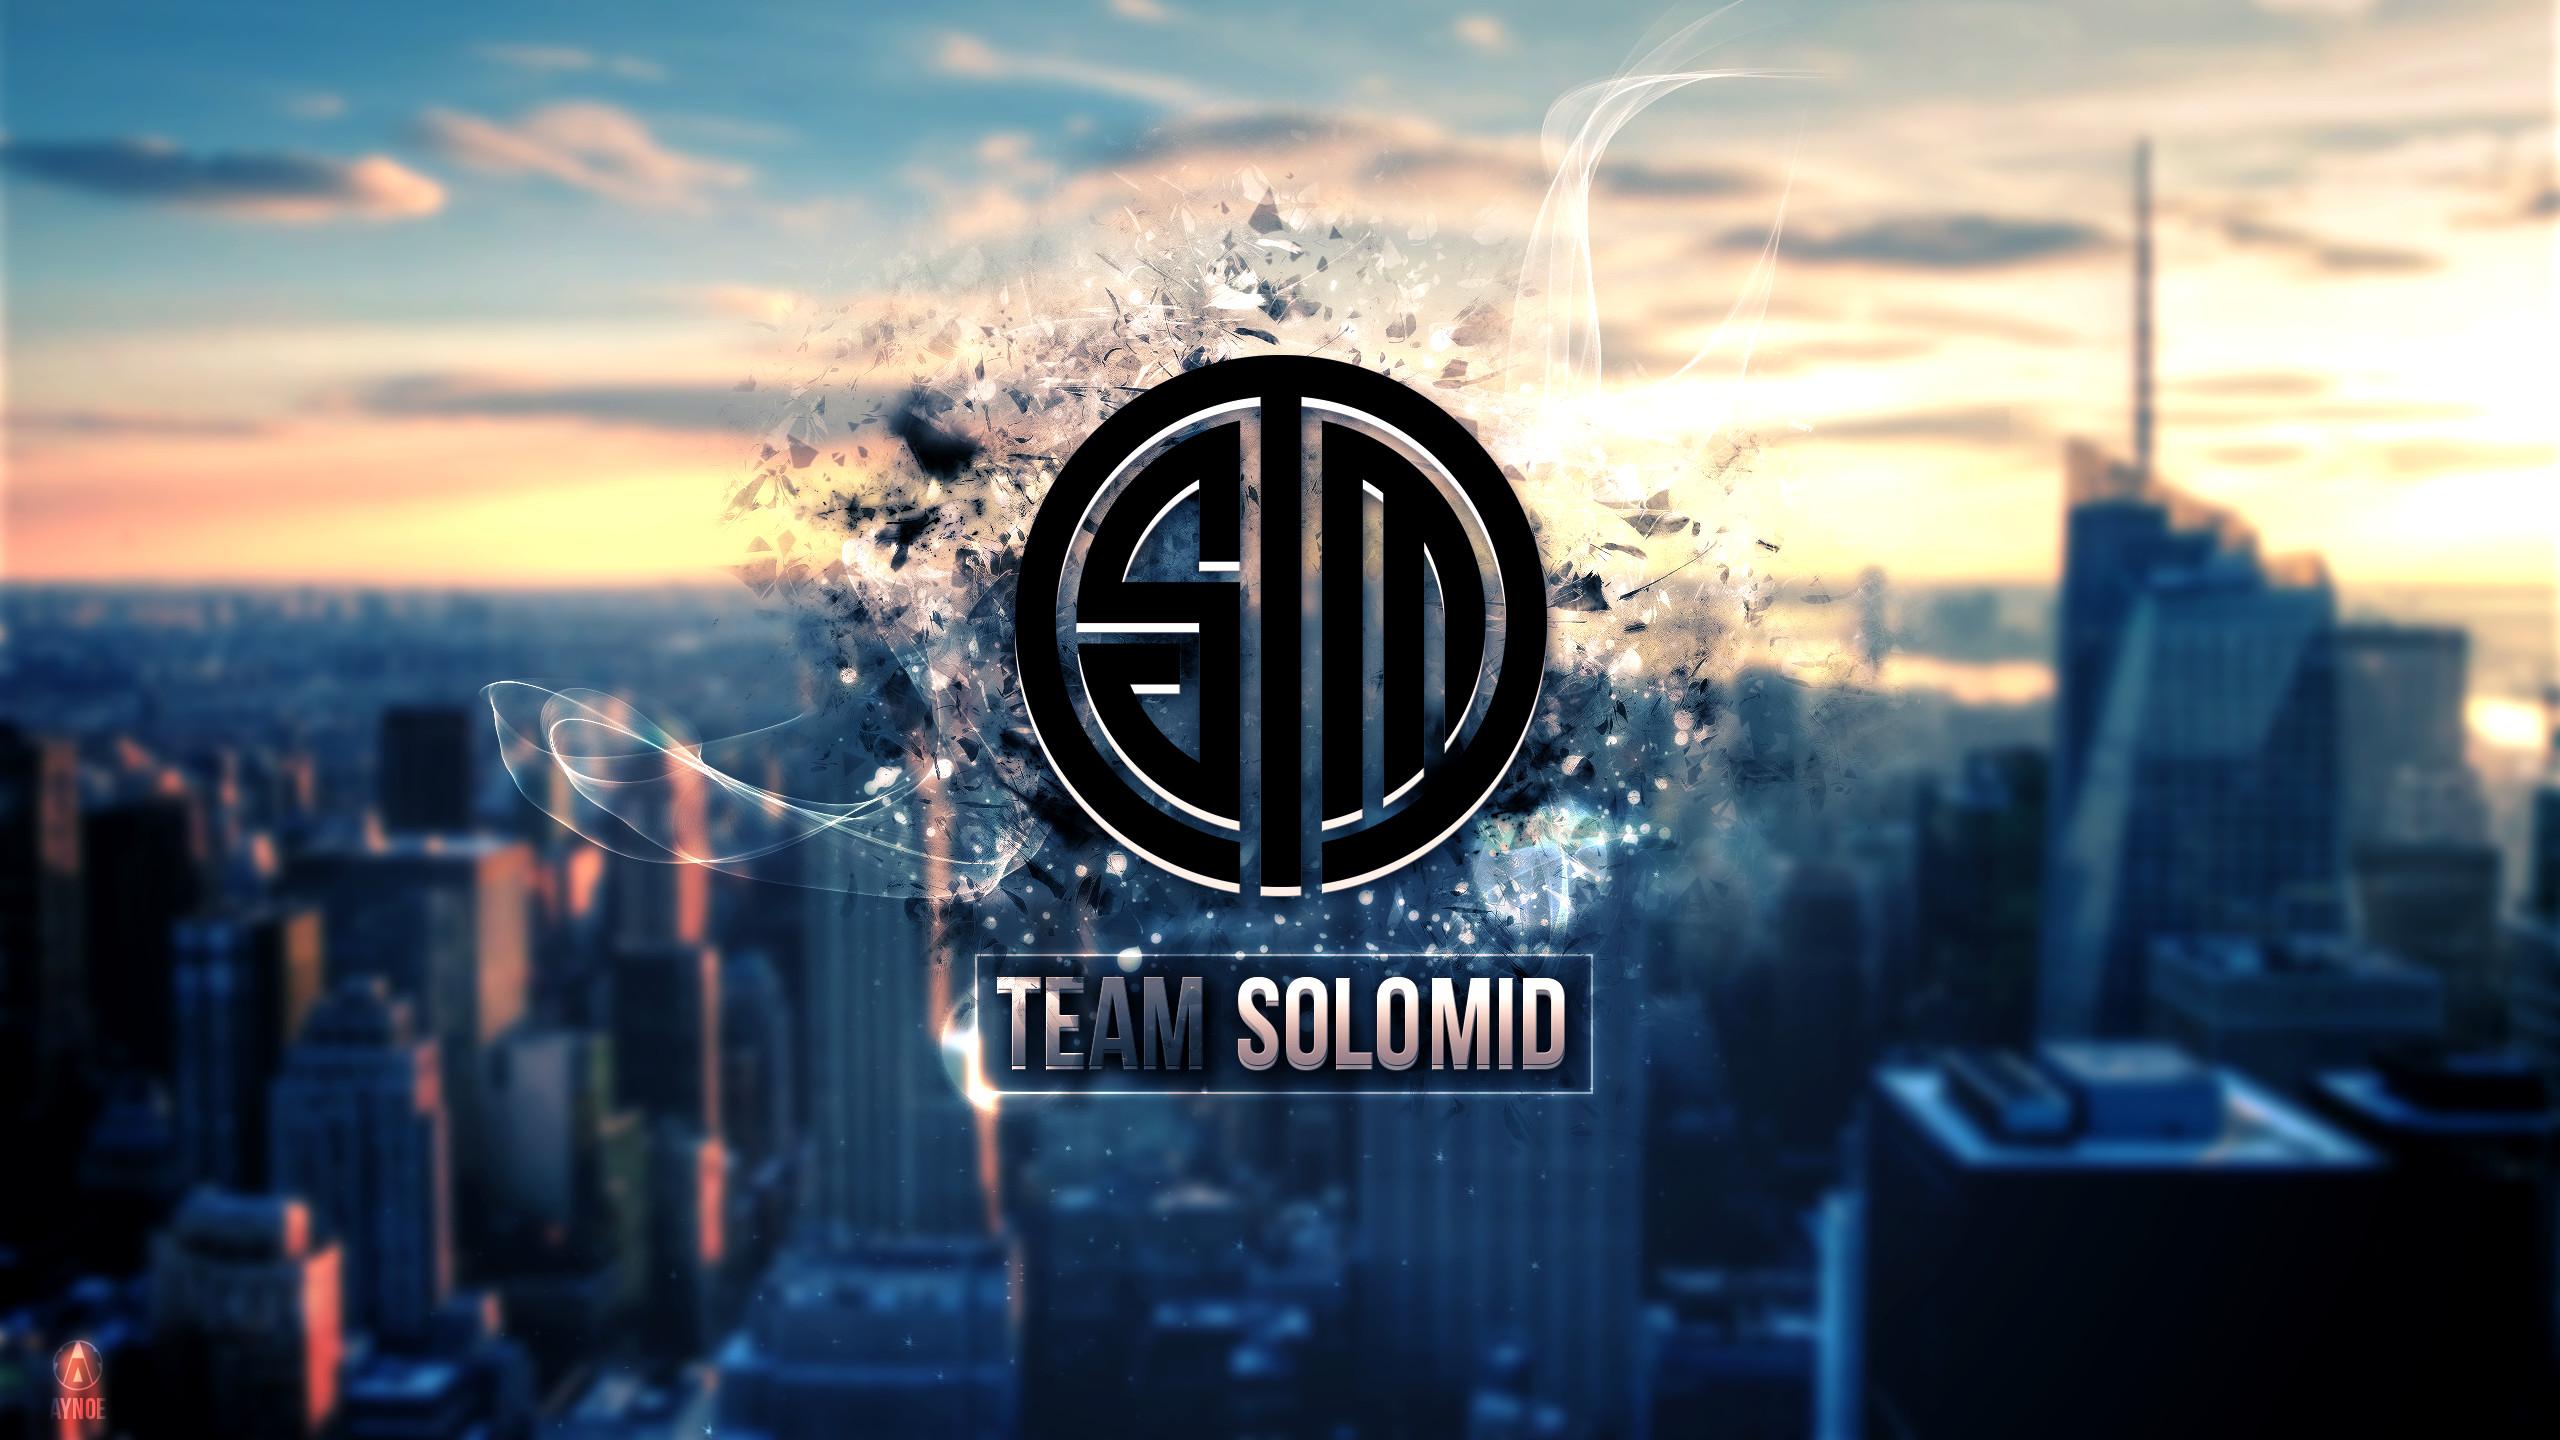 … Team Solomid 2 Wallpaper Logo – League of Legends by Aynoe